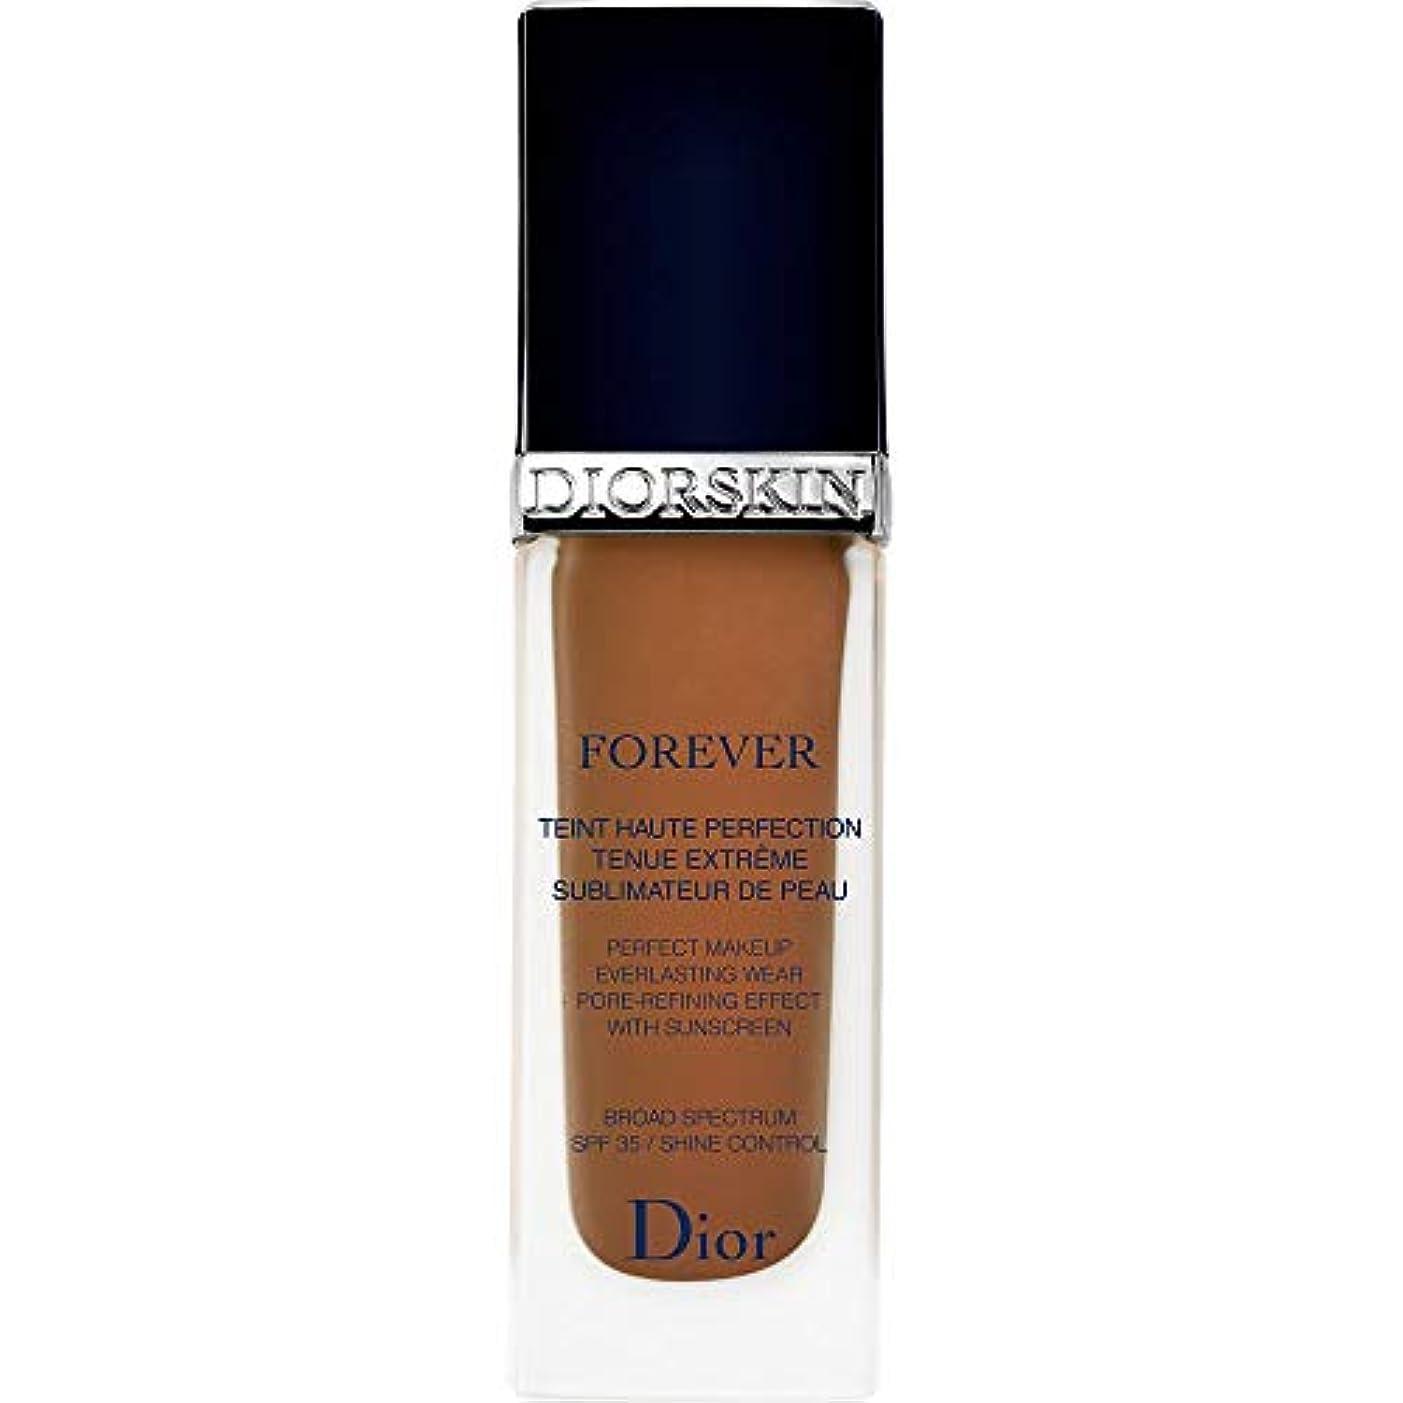 臭いインタラクションここに[Dior ] ディオールディオールスキン永遠基礎Spf35 30ミリリットル070 - ダークブラウン - DIOR Diorskin Forever Foundation SPF35 30ml 070 - Dark...